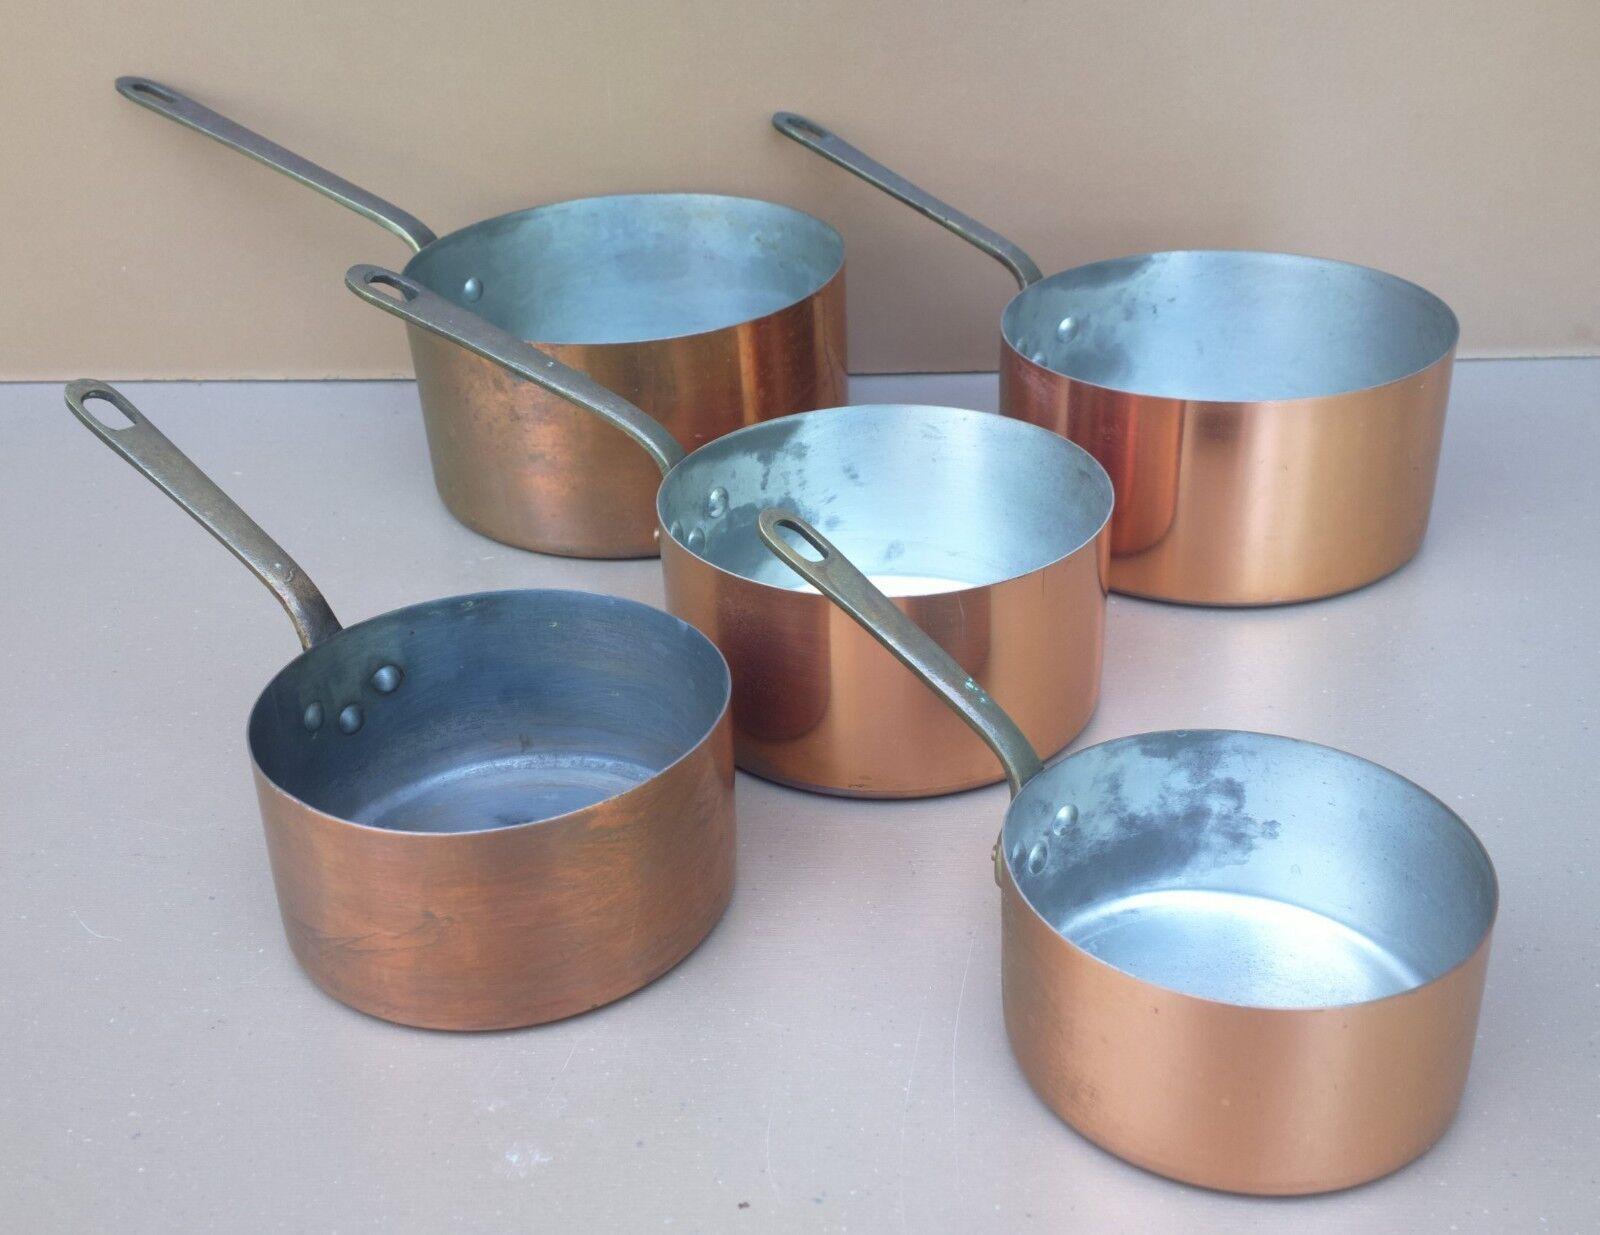 Ancienne série 5 casseroles CUIVRE MéTAUX OUVRES VESOUL old set of 5 copper pans